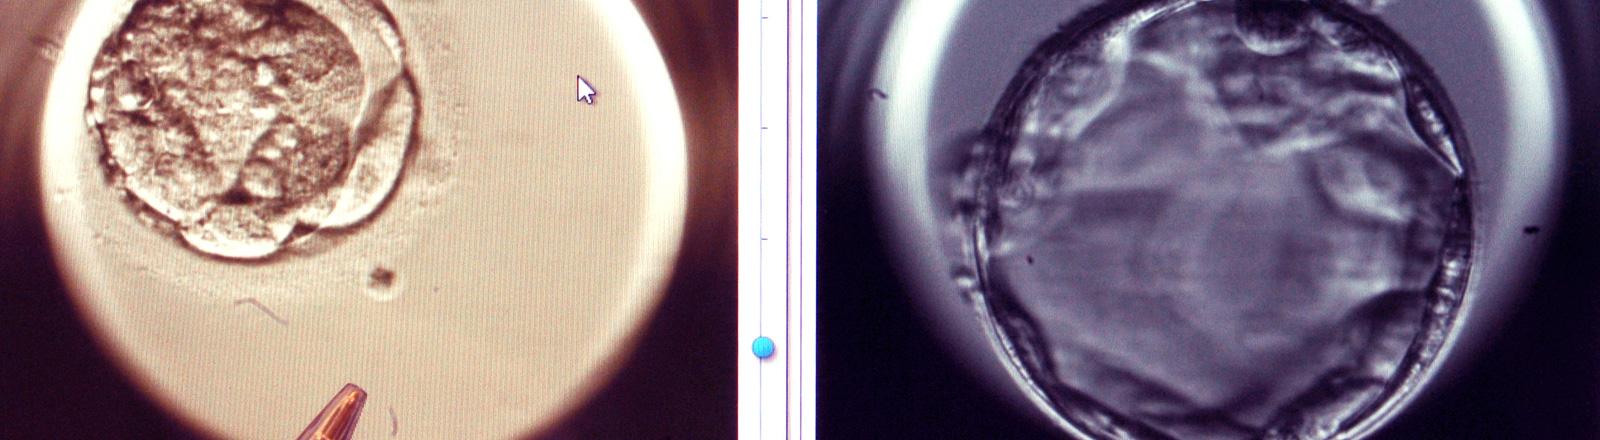 Links ein nicht zeitgerecht entwickelter Embryo am fünften Entwicklungstag, rechts ein gut entwickelter (Bildschirmfoto)